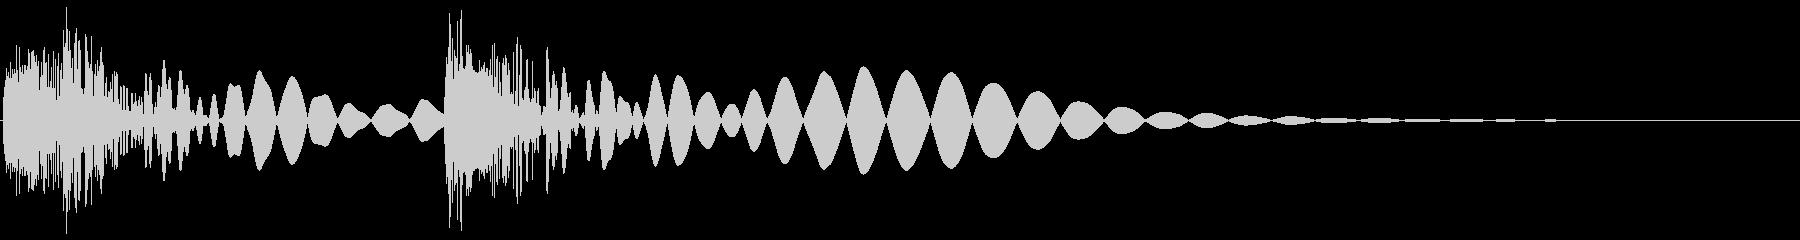 ビュビュッ(2連続発射・攻撃)の未再生の波形